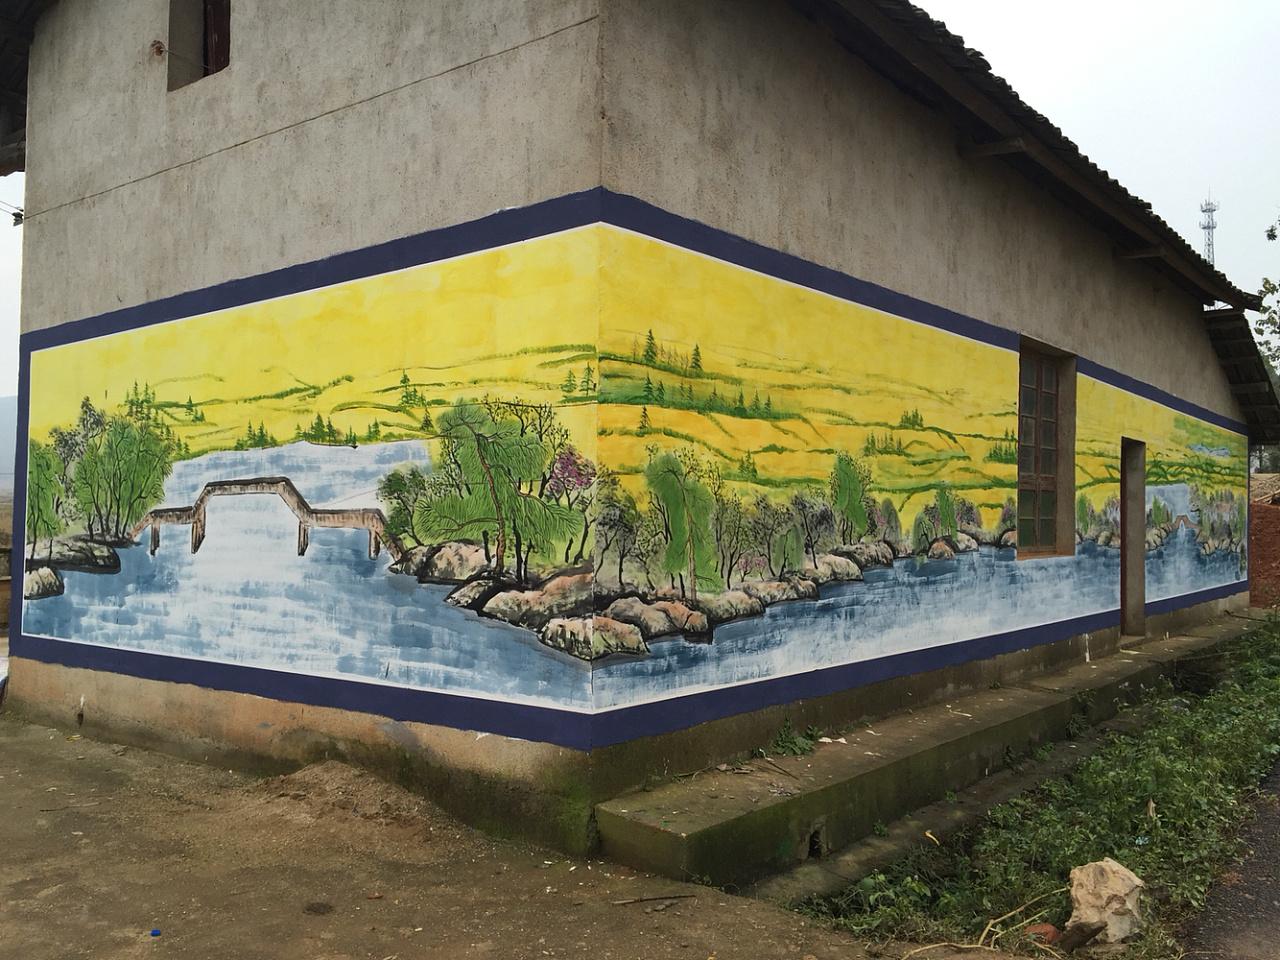 府文化墙,美丽乡村建设,墙体彩绘,3d墙绘